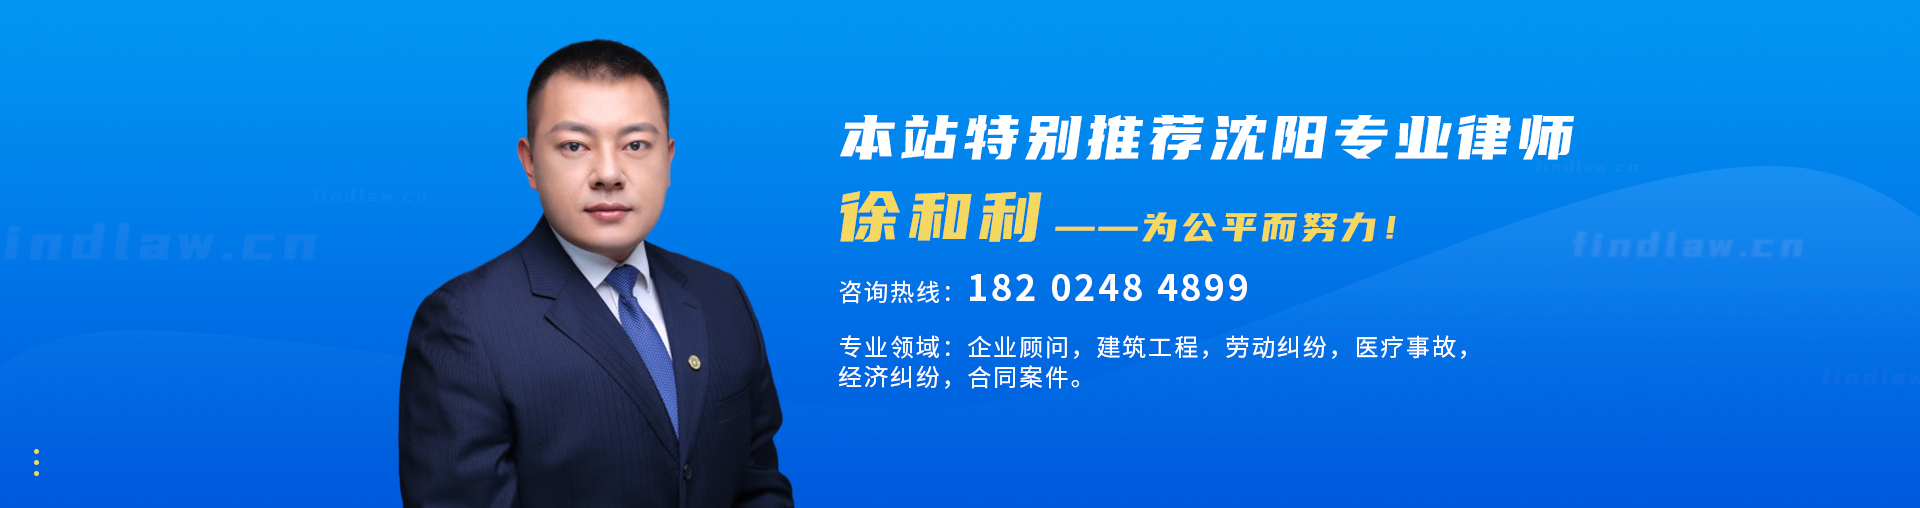 徐和利的律师团队网站